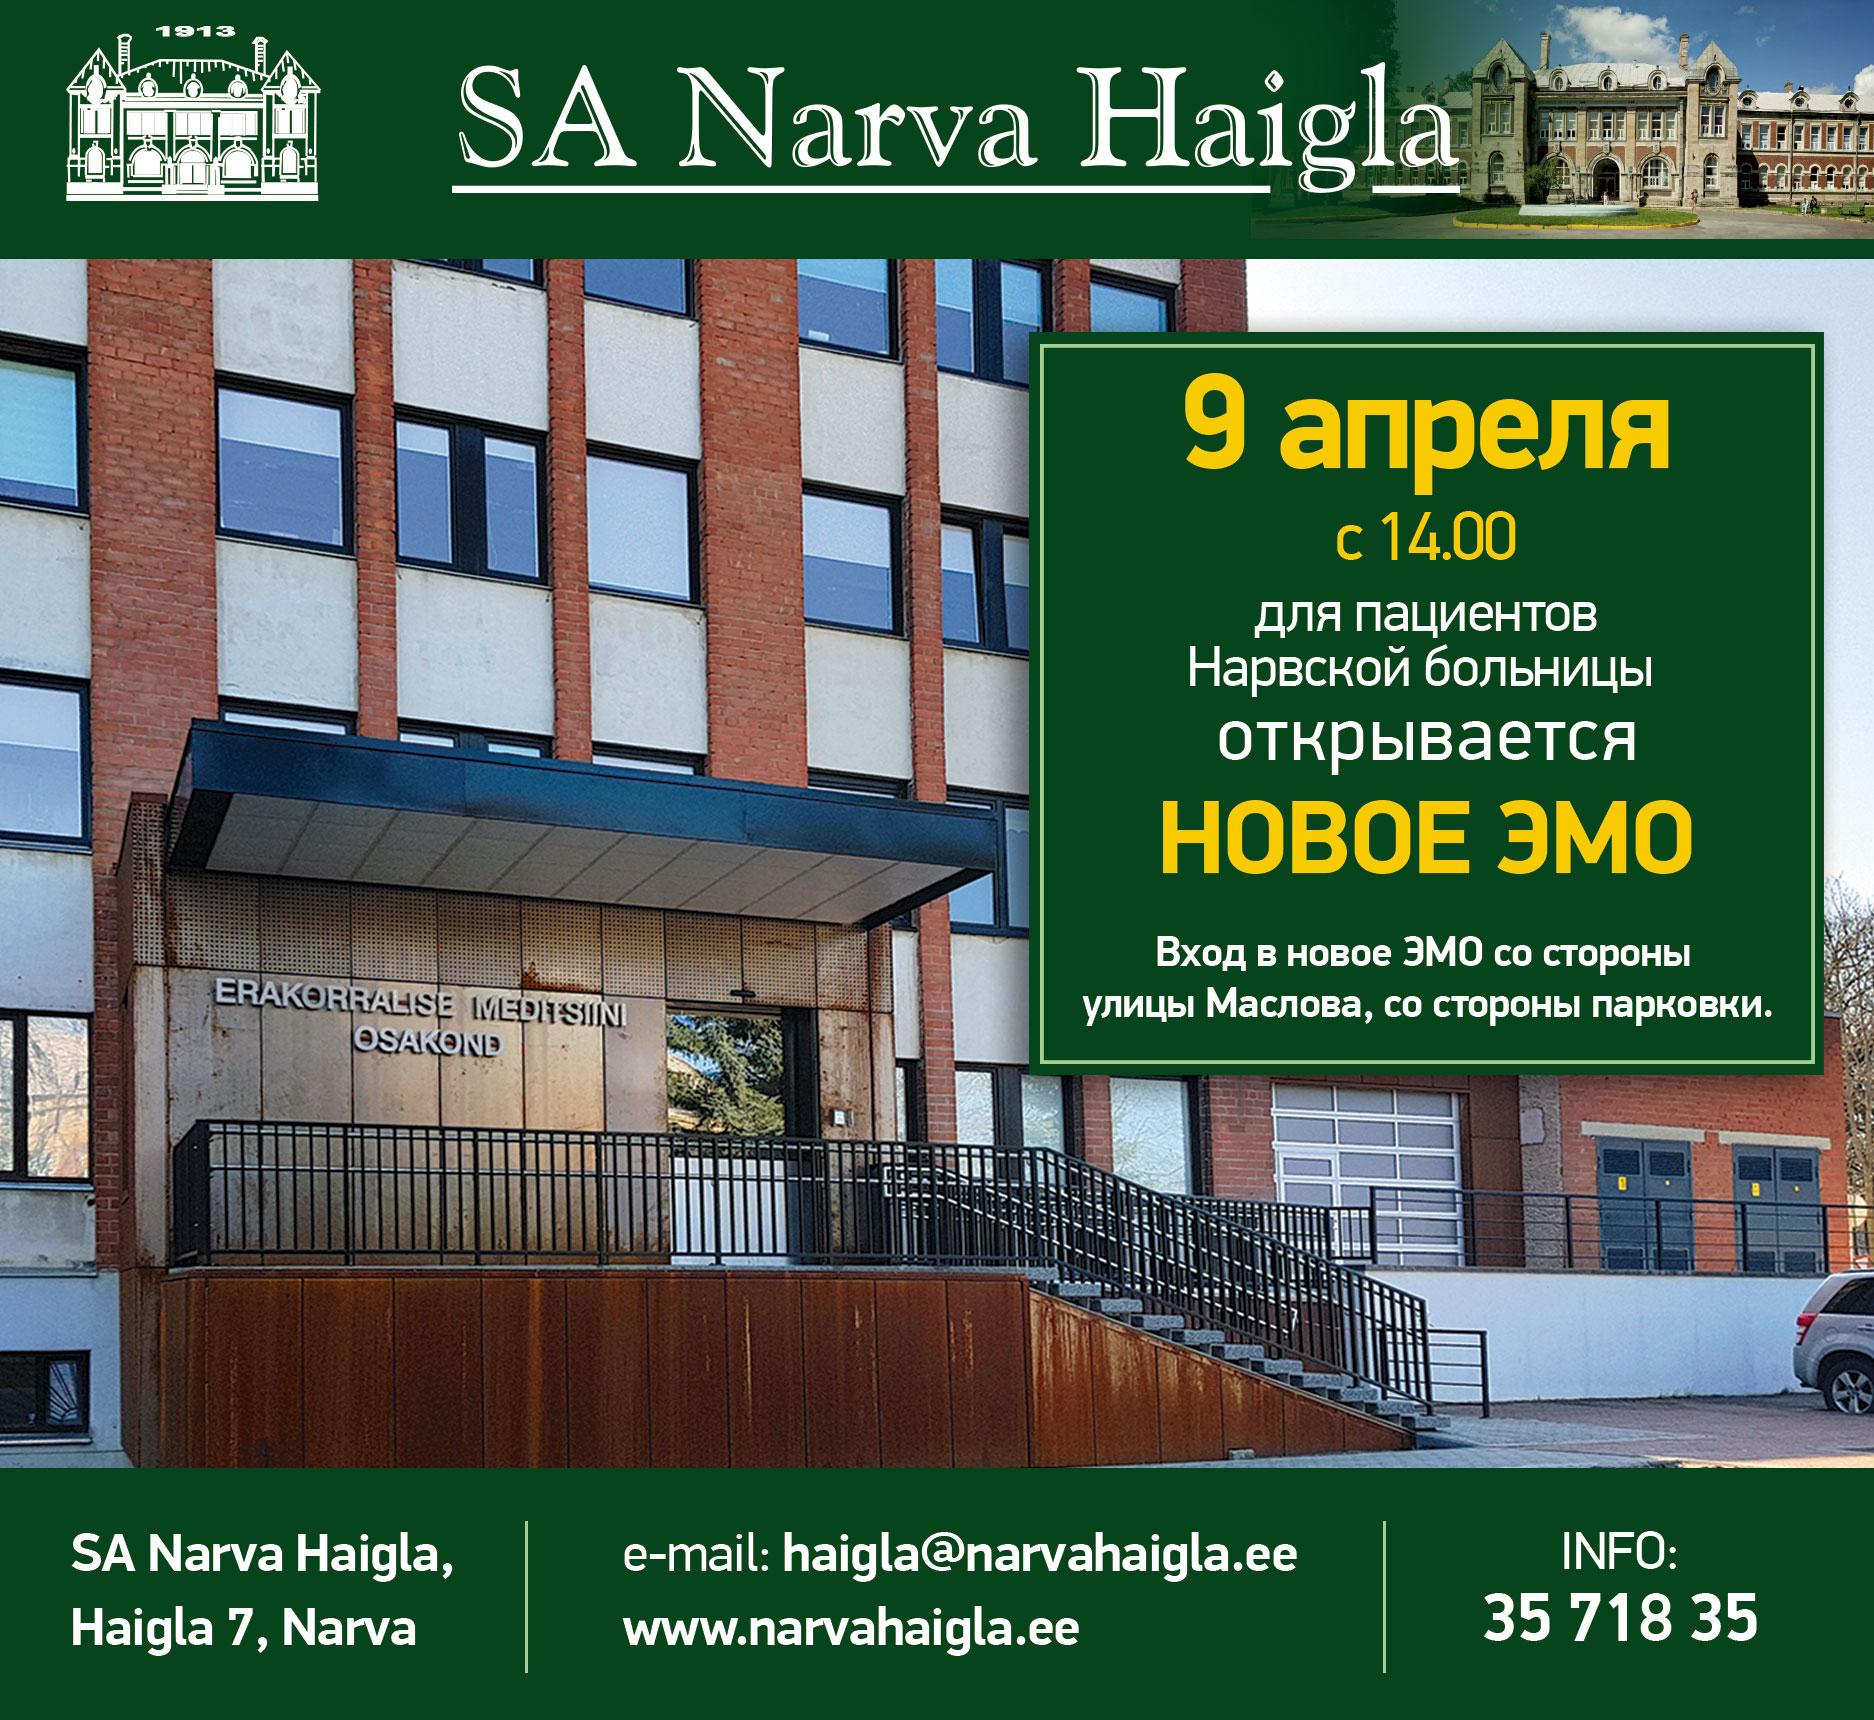 9 апреля обновленное отделение экстренной помощи Нарвской больницы открыли для пациентов